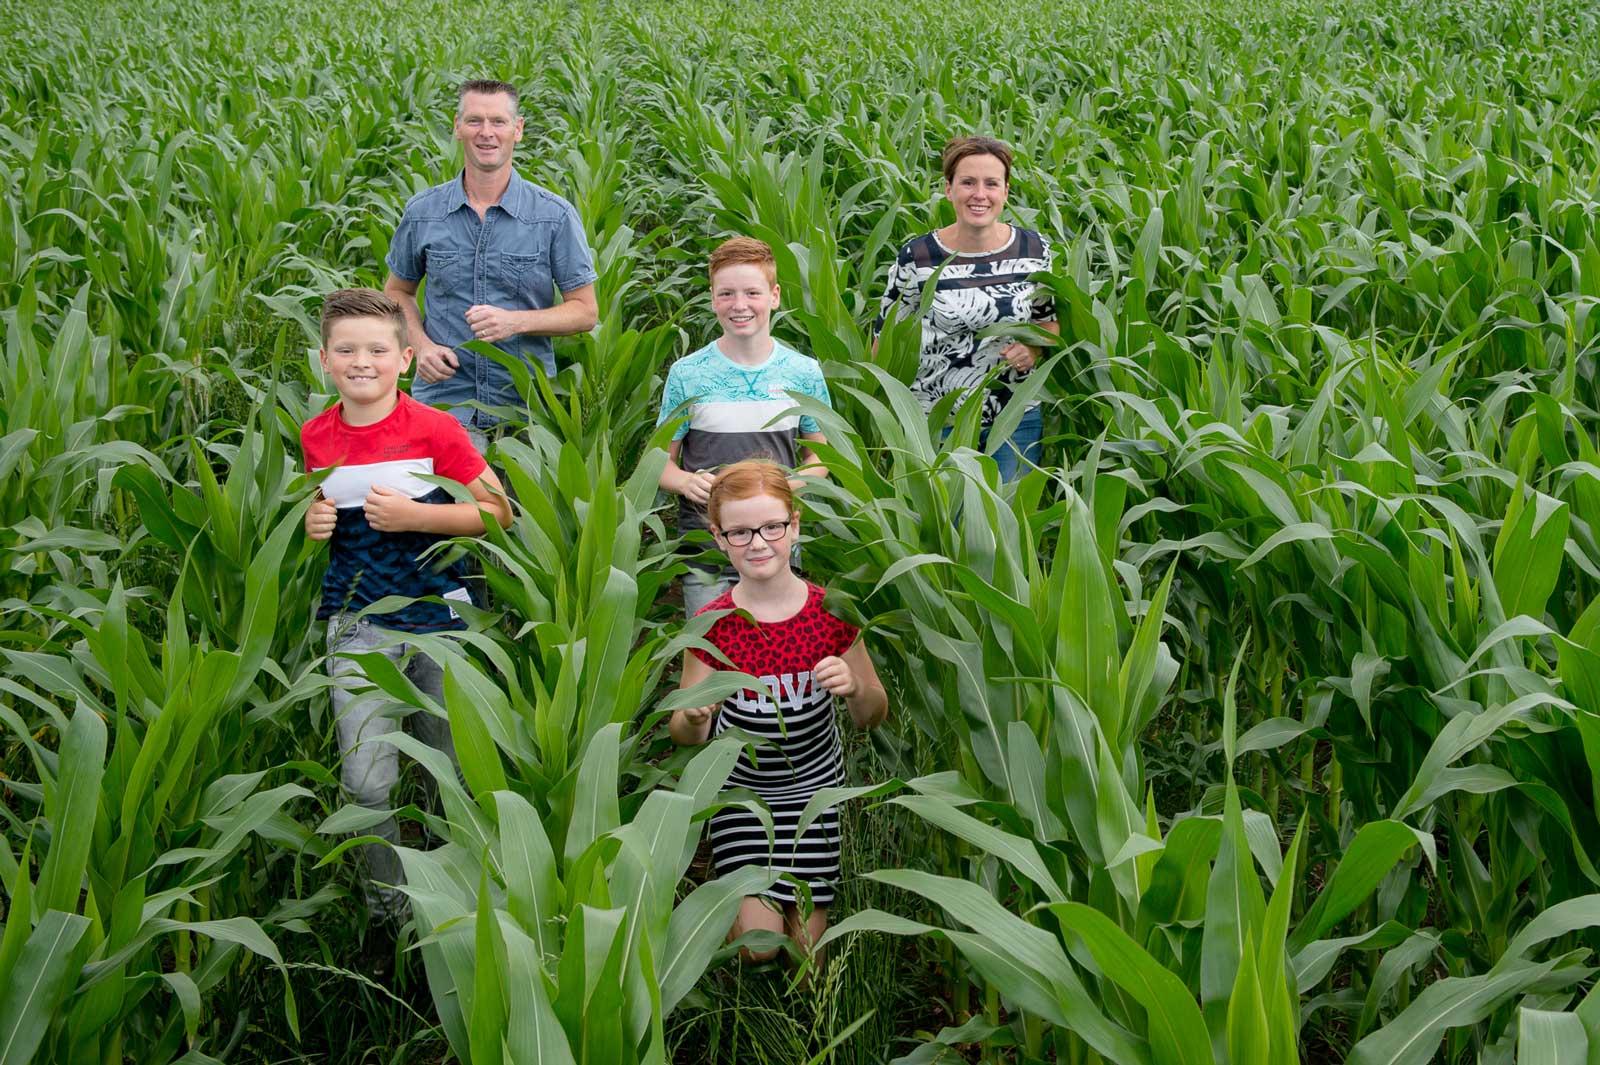 Boeren van Nederweert rundveebedrijf Loijen Johan Horst